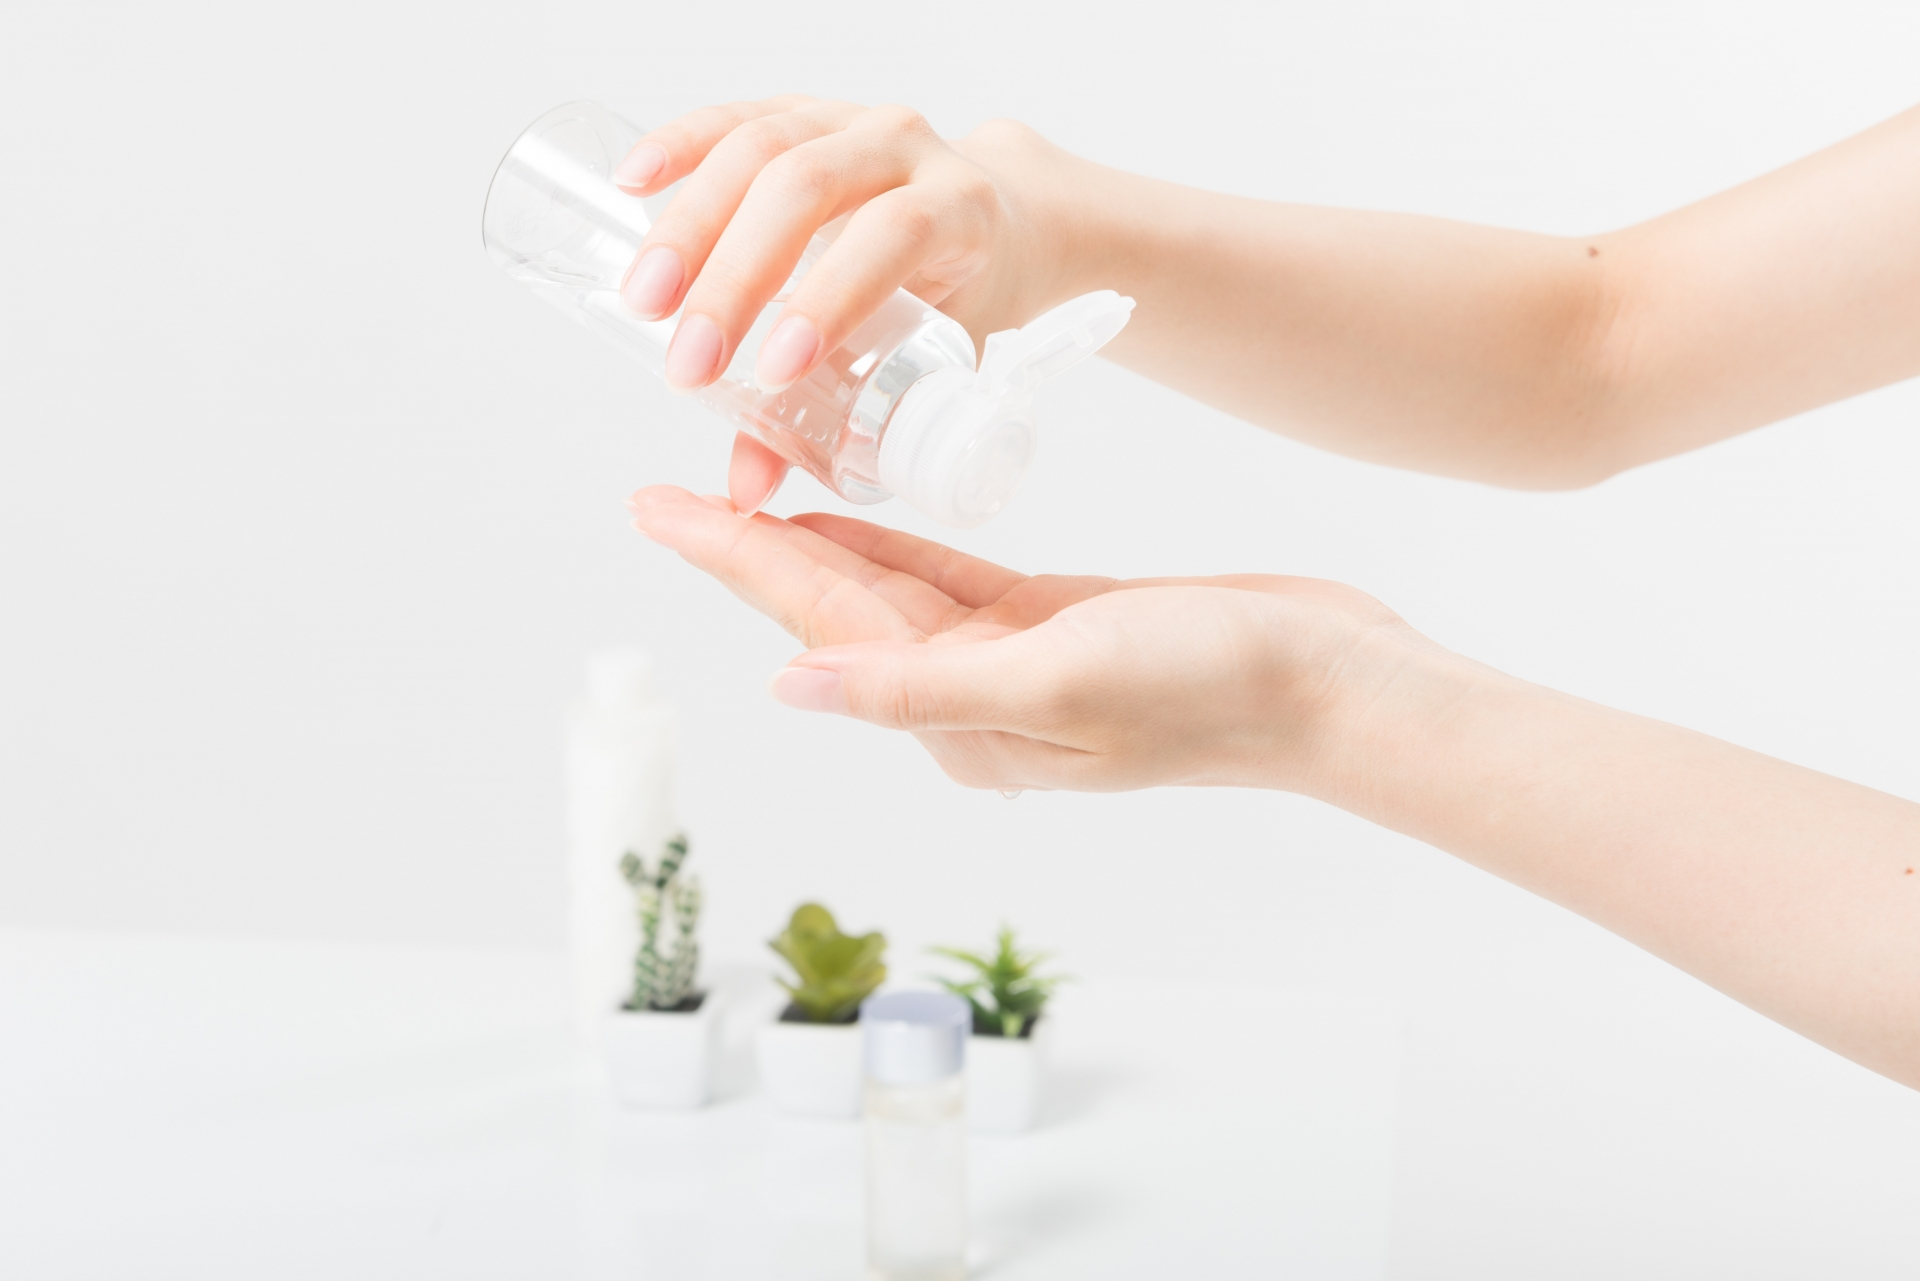 サンザシエキスが配合された化粧水を手に出そうとしている女性の手元